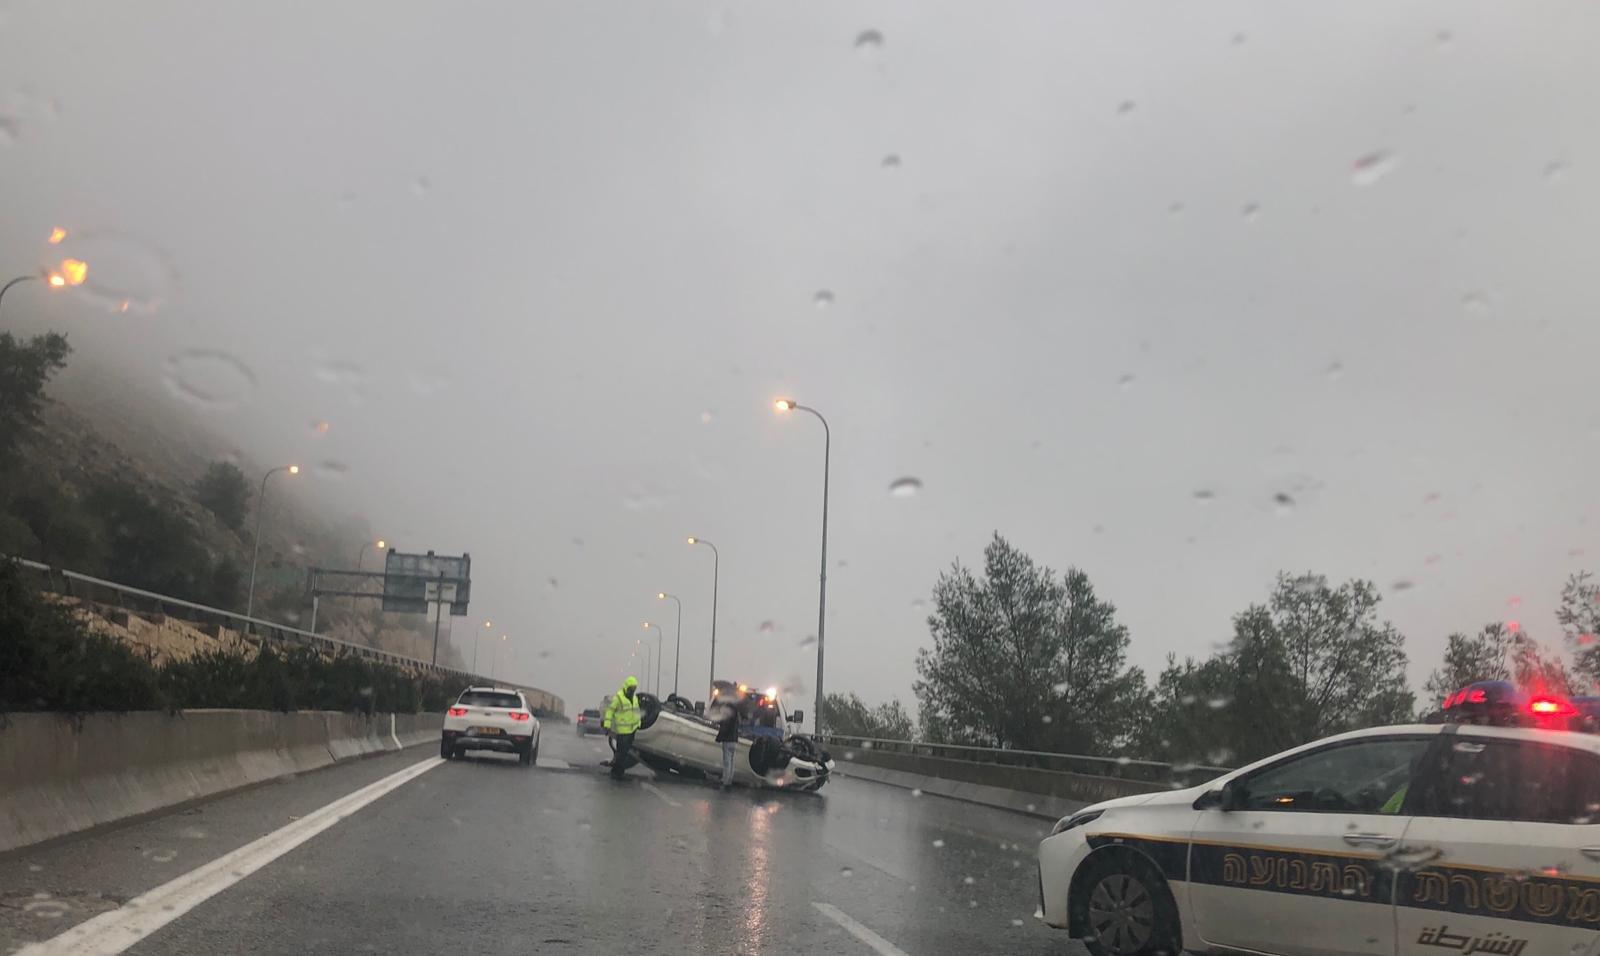 انقلاب مركبة في مدخل نفق الناصرة- اكسال